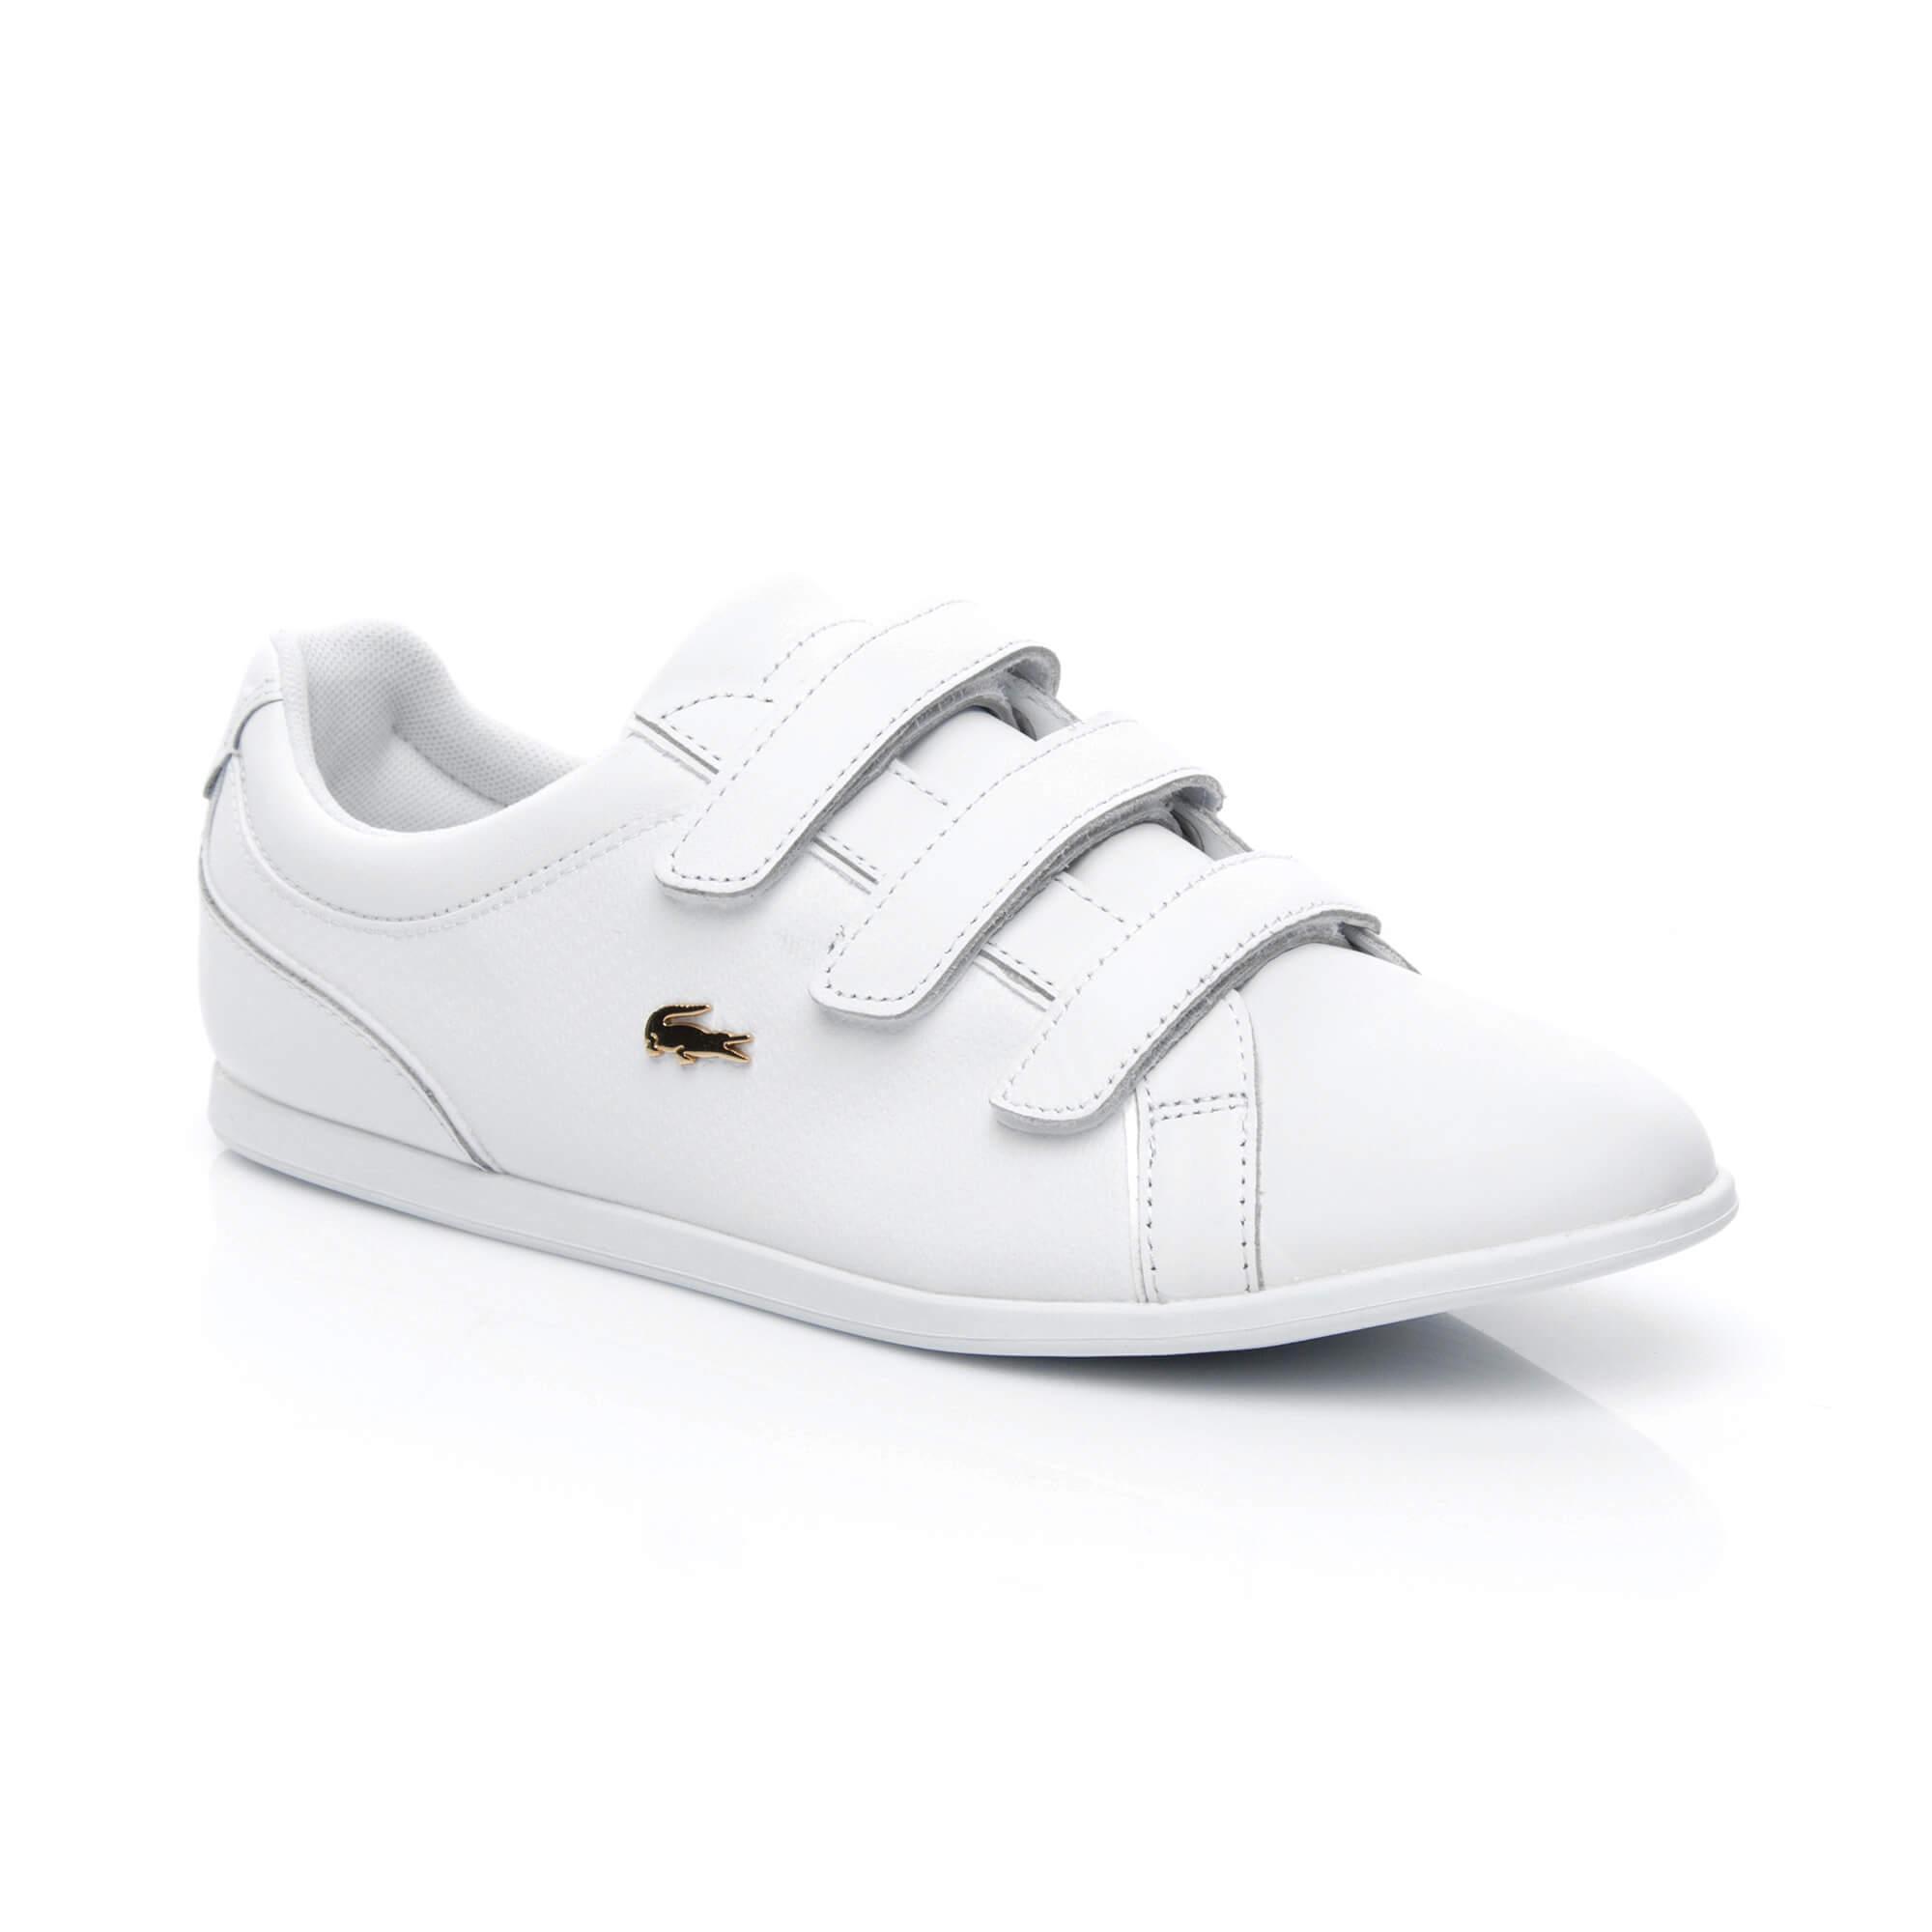 Lacoste Rey Strap Kadın Beyaz Spor Ayakkabısı